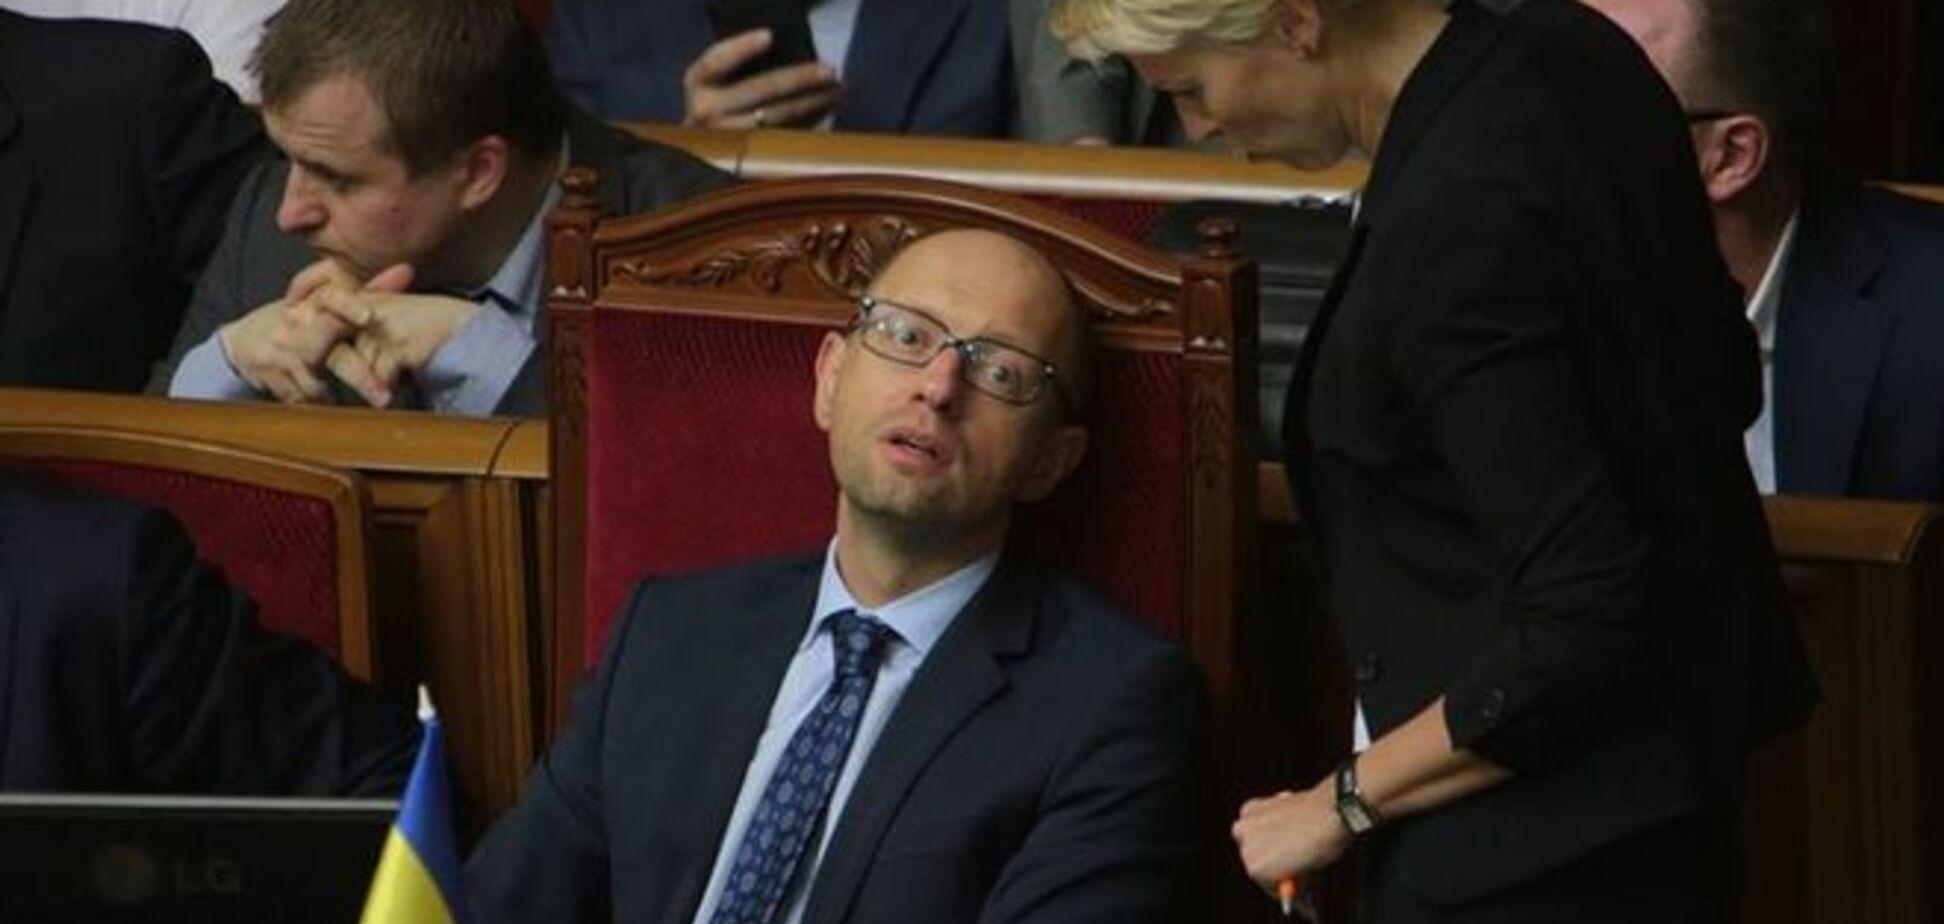 Яценюка в Раде застали 'спящим' с открытыми глазами: фотофакт